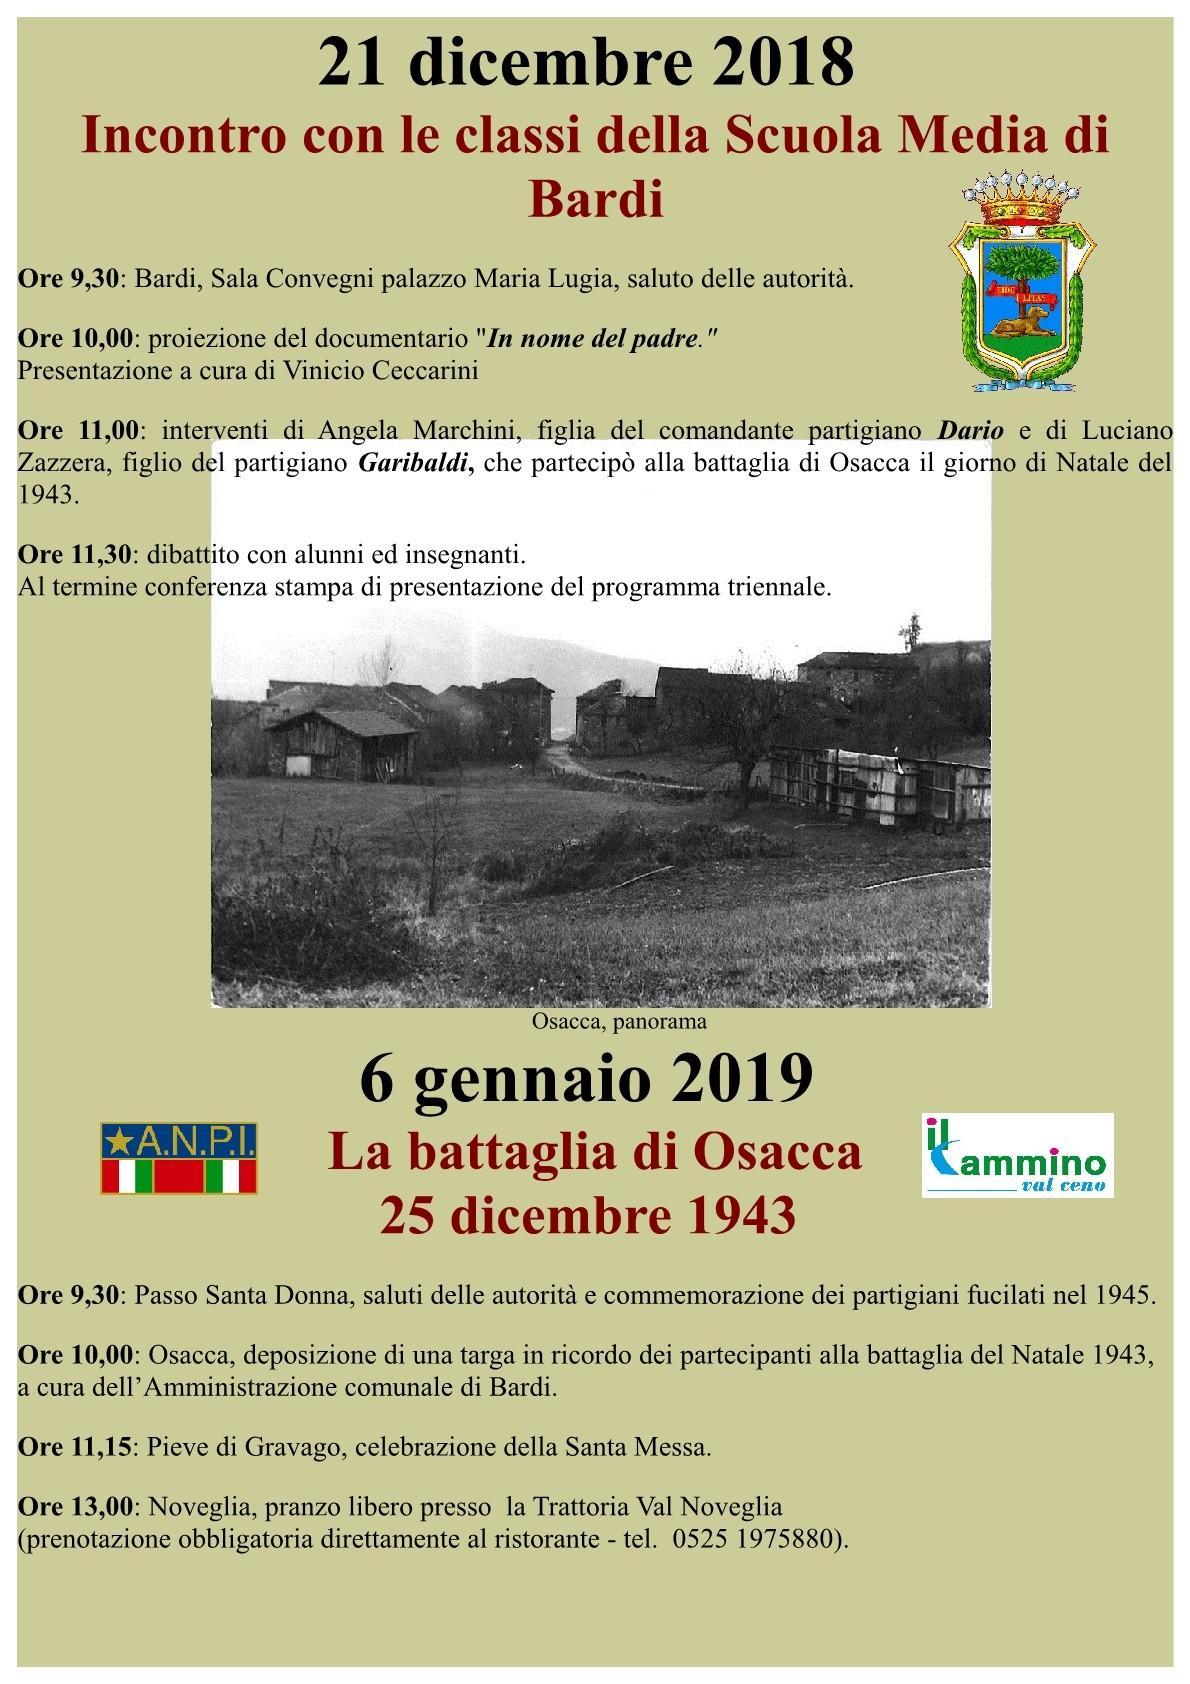 """""""La Battaglia di Osacca"""", celebrazioni a Bardi"""